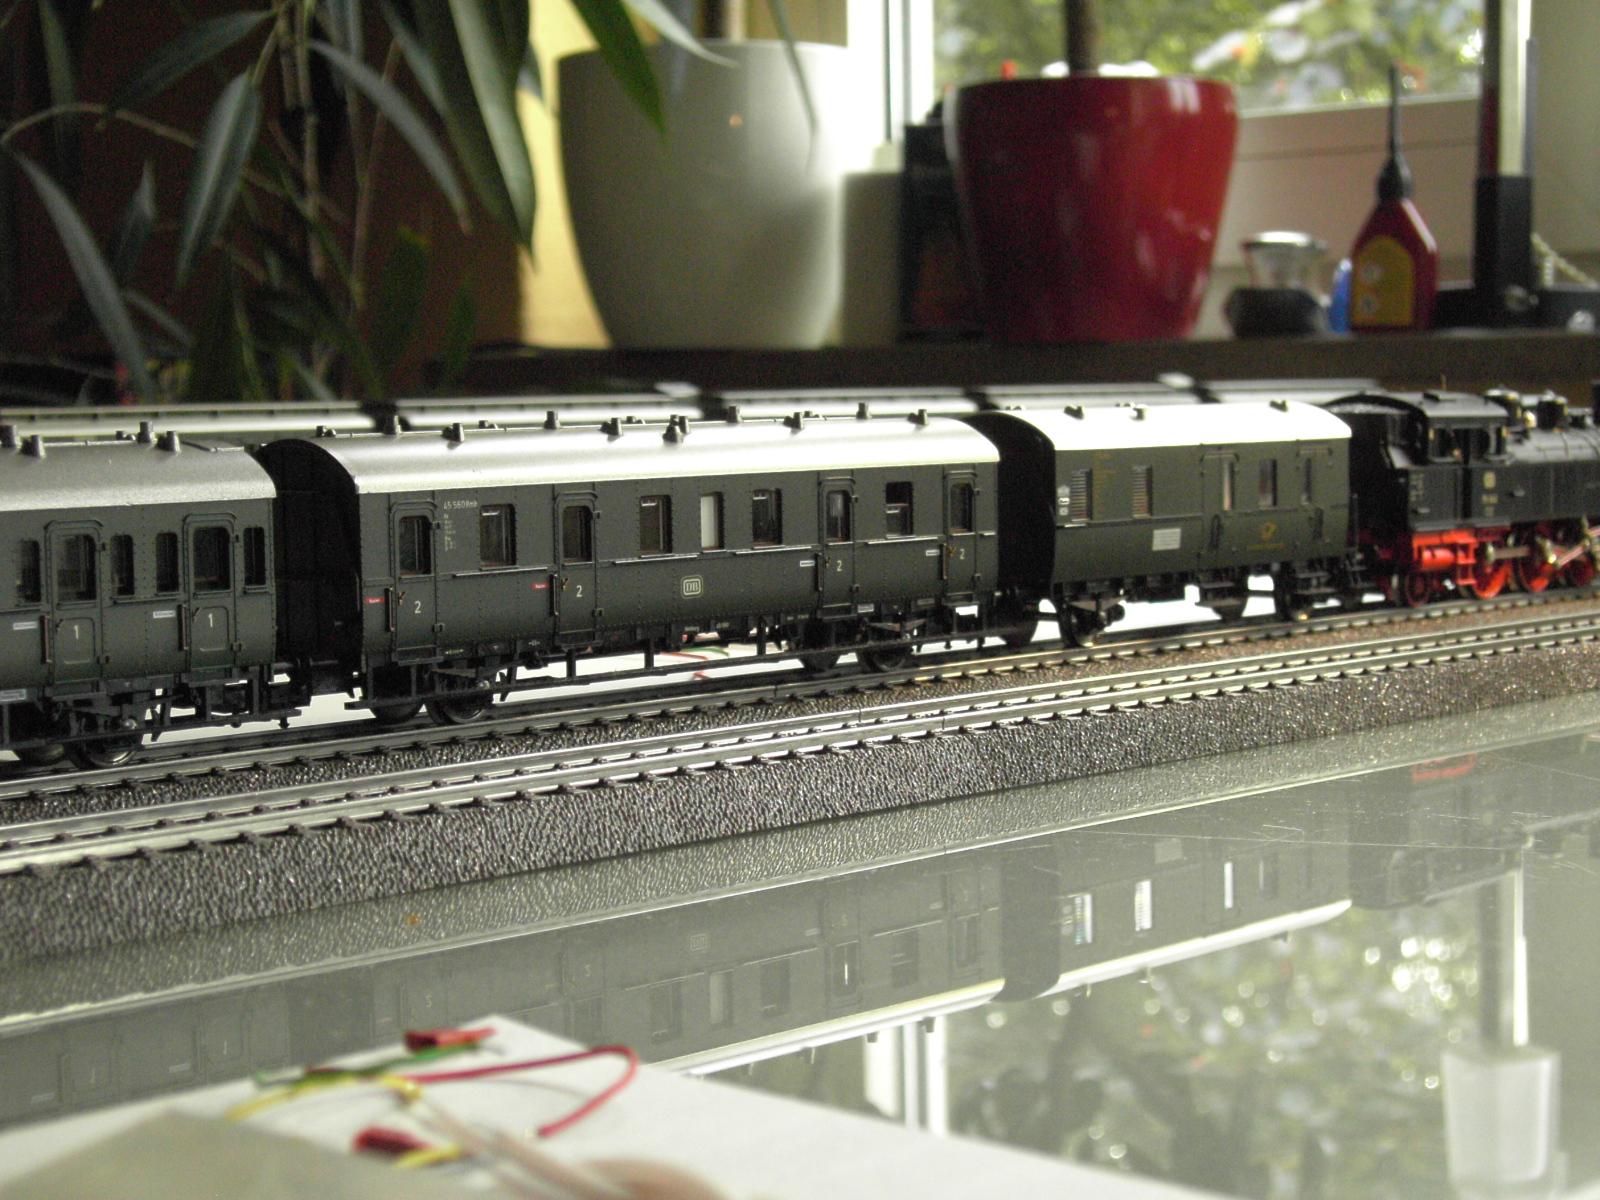 Mein neuer Personenzug Pict0316p1kt8